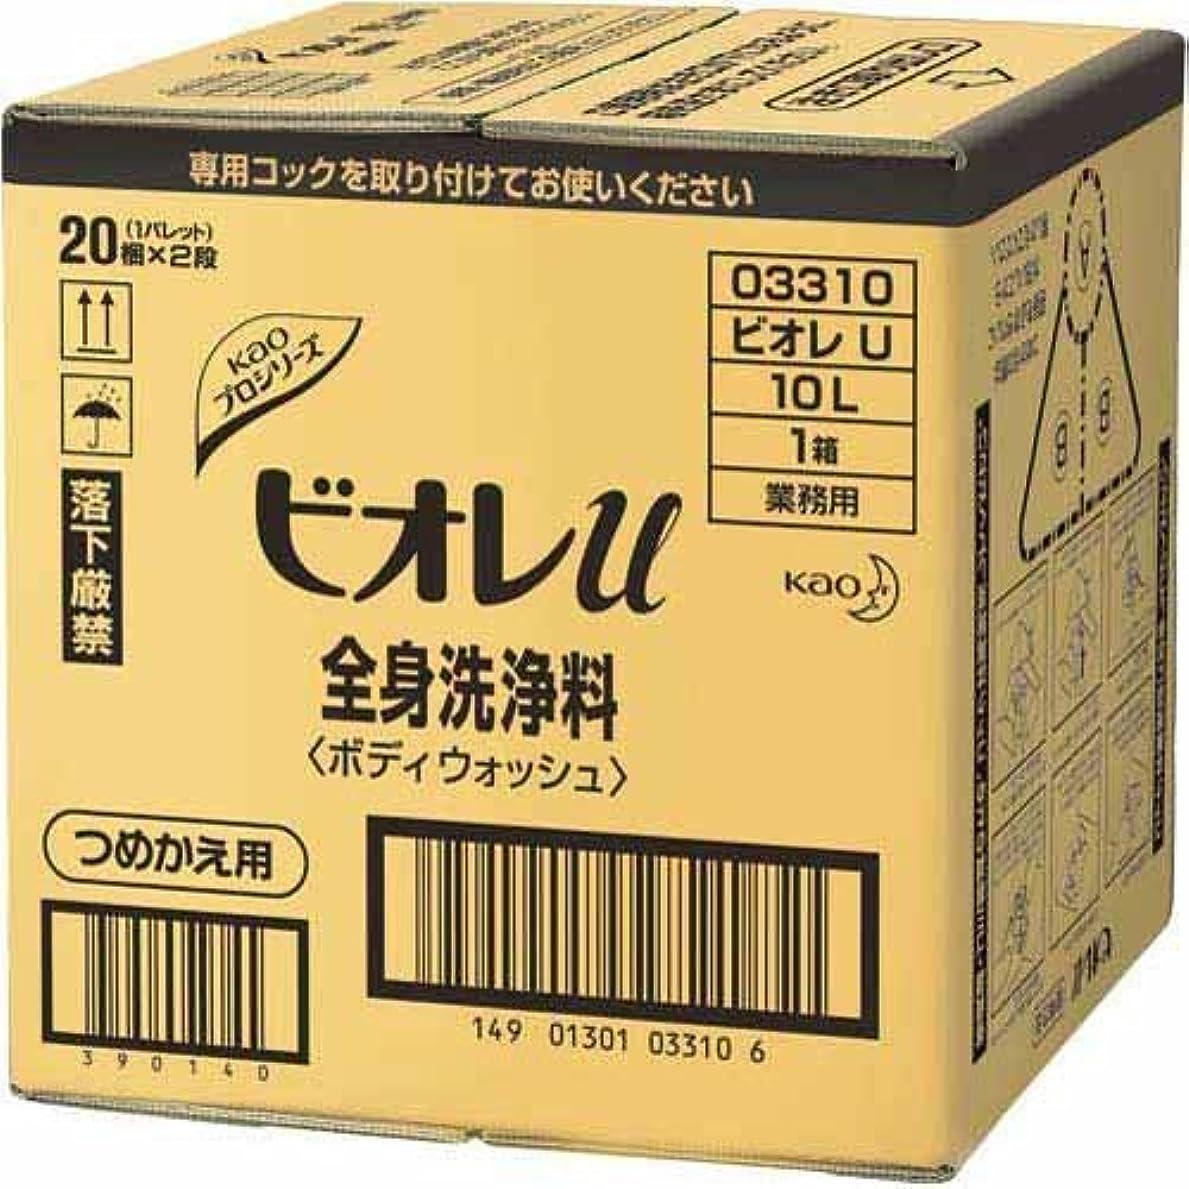 望み森林無数の花王 ビオレU 業務用 10L 033109 【まとめ買い2個セット】